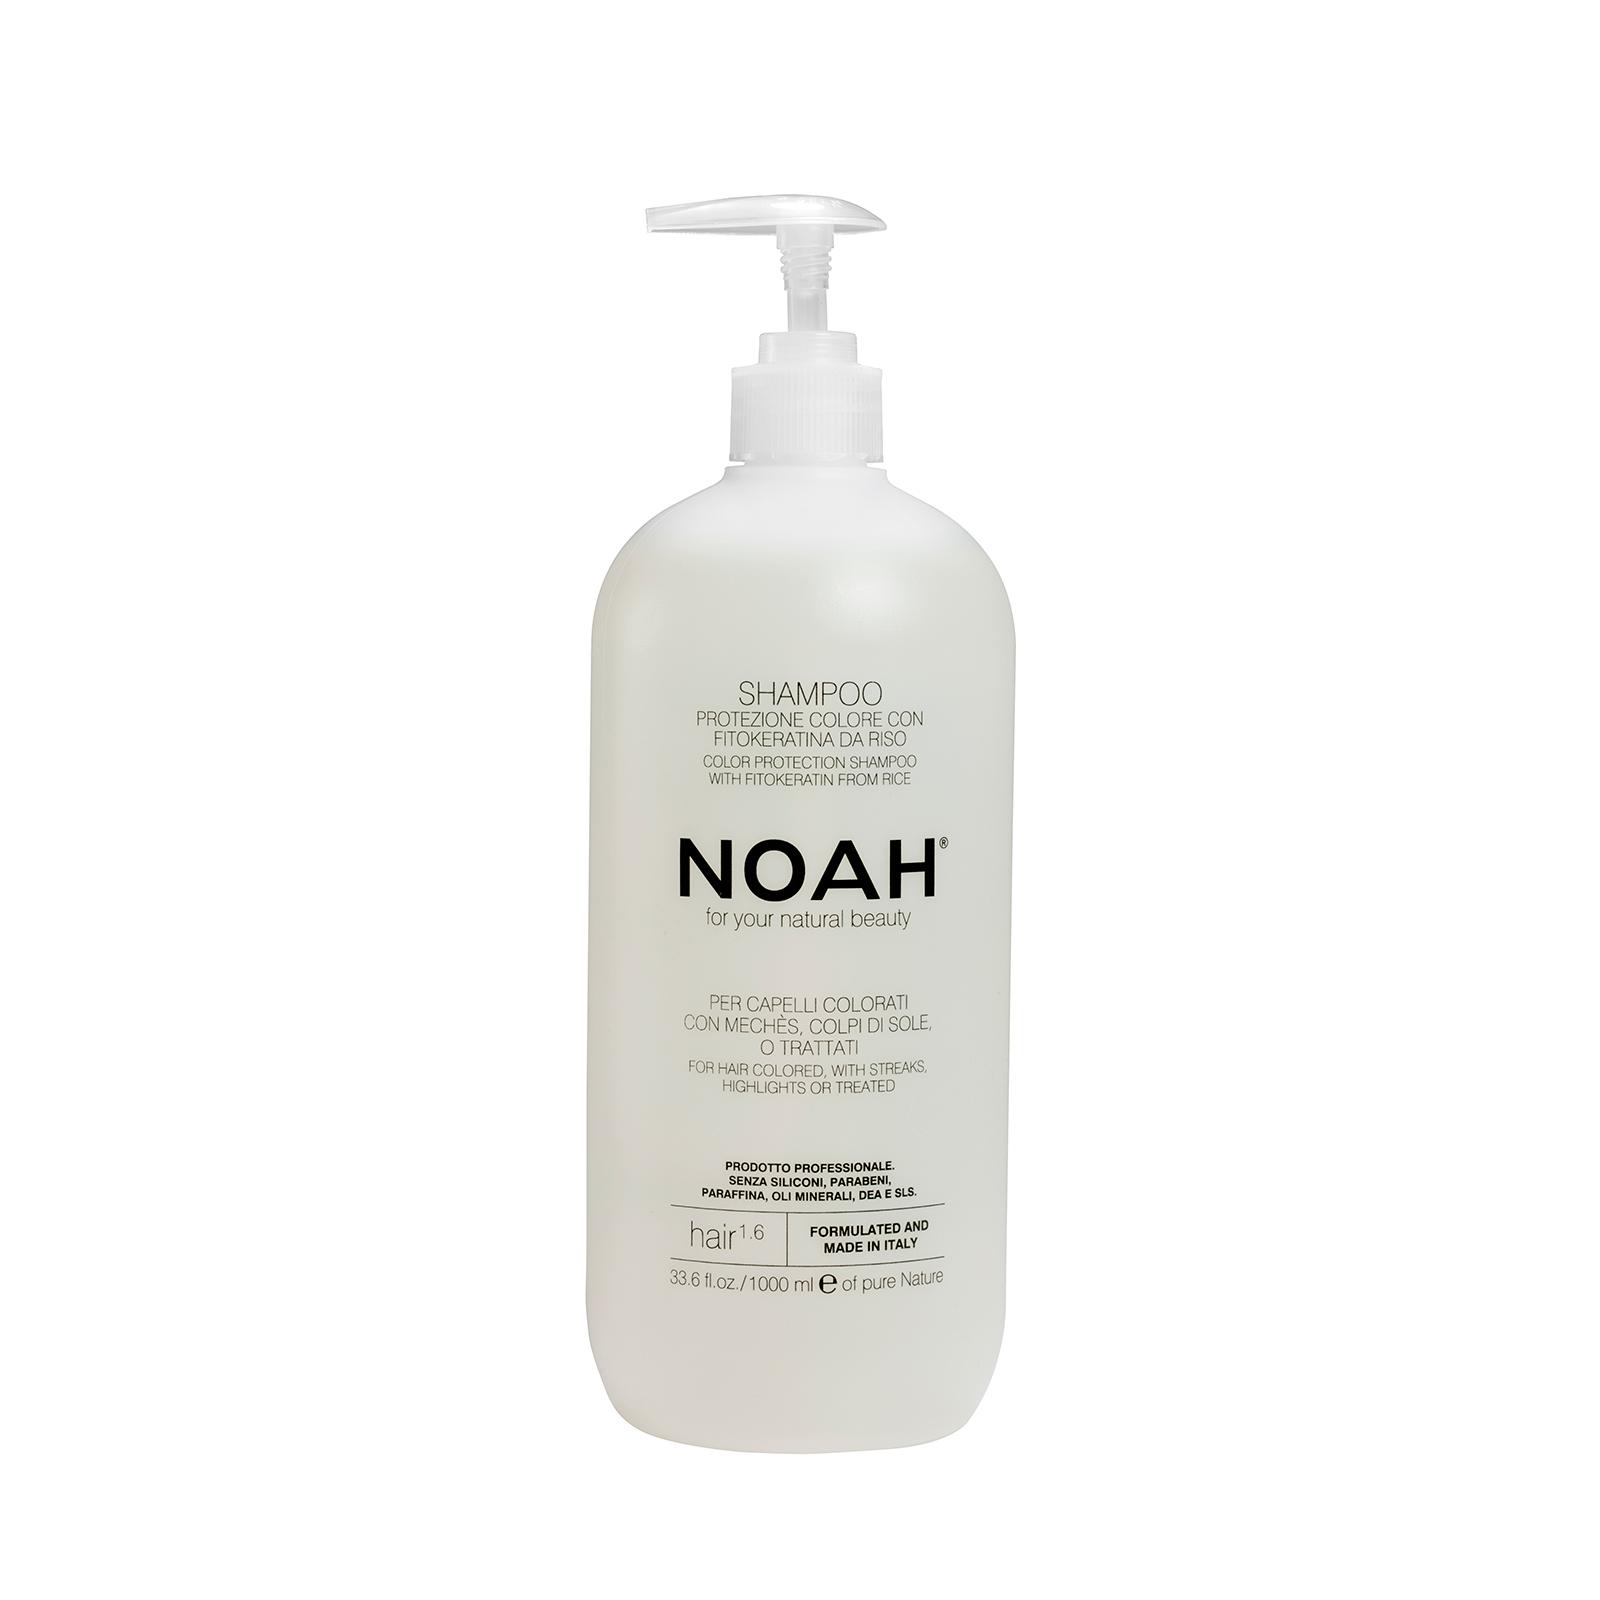 Šampūnas dažytiems ir sruogelėmis dažytiems plaukams NOAH, 1000 ml